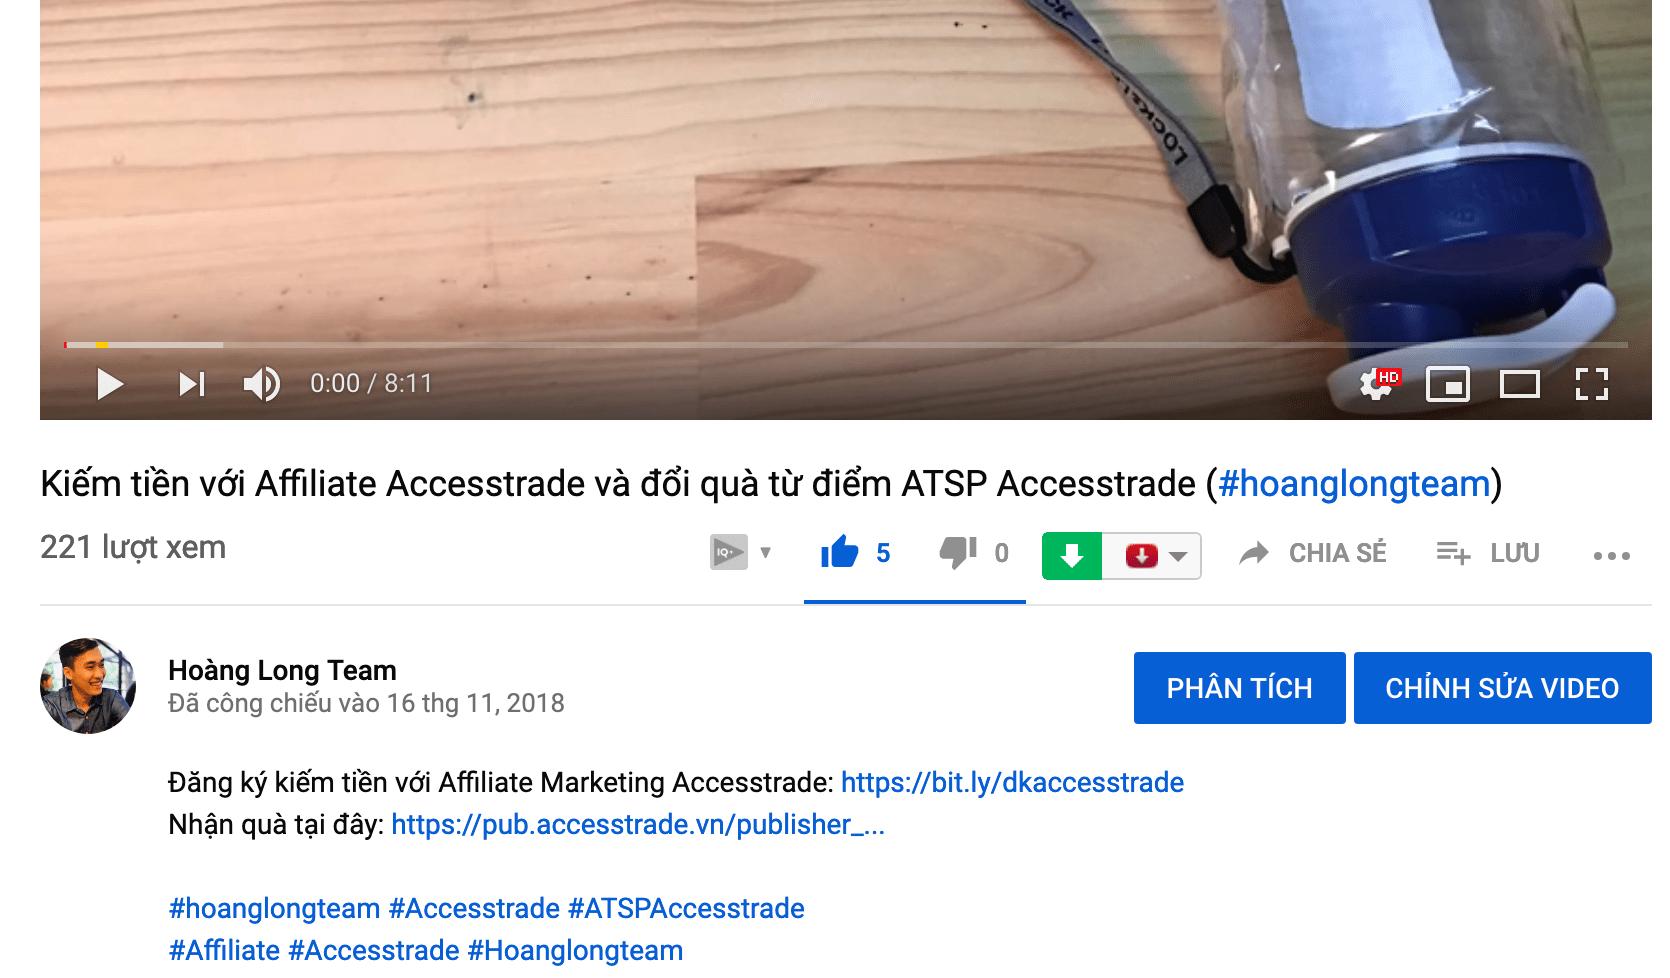 Thẻ hashtag Youtube trên tiêu đề video